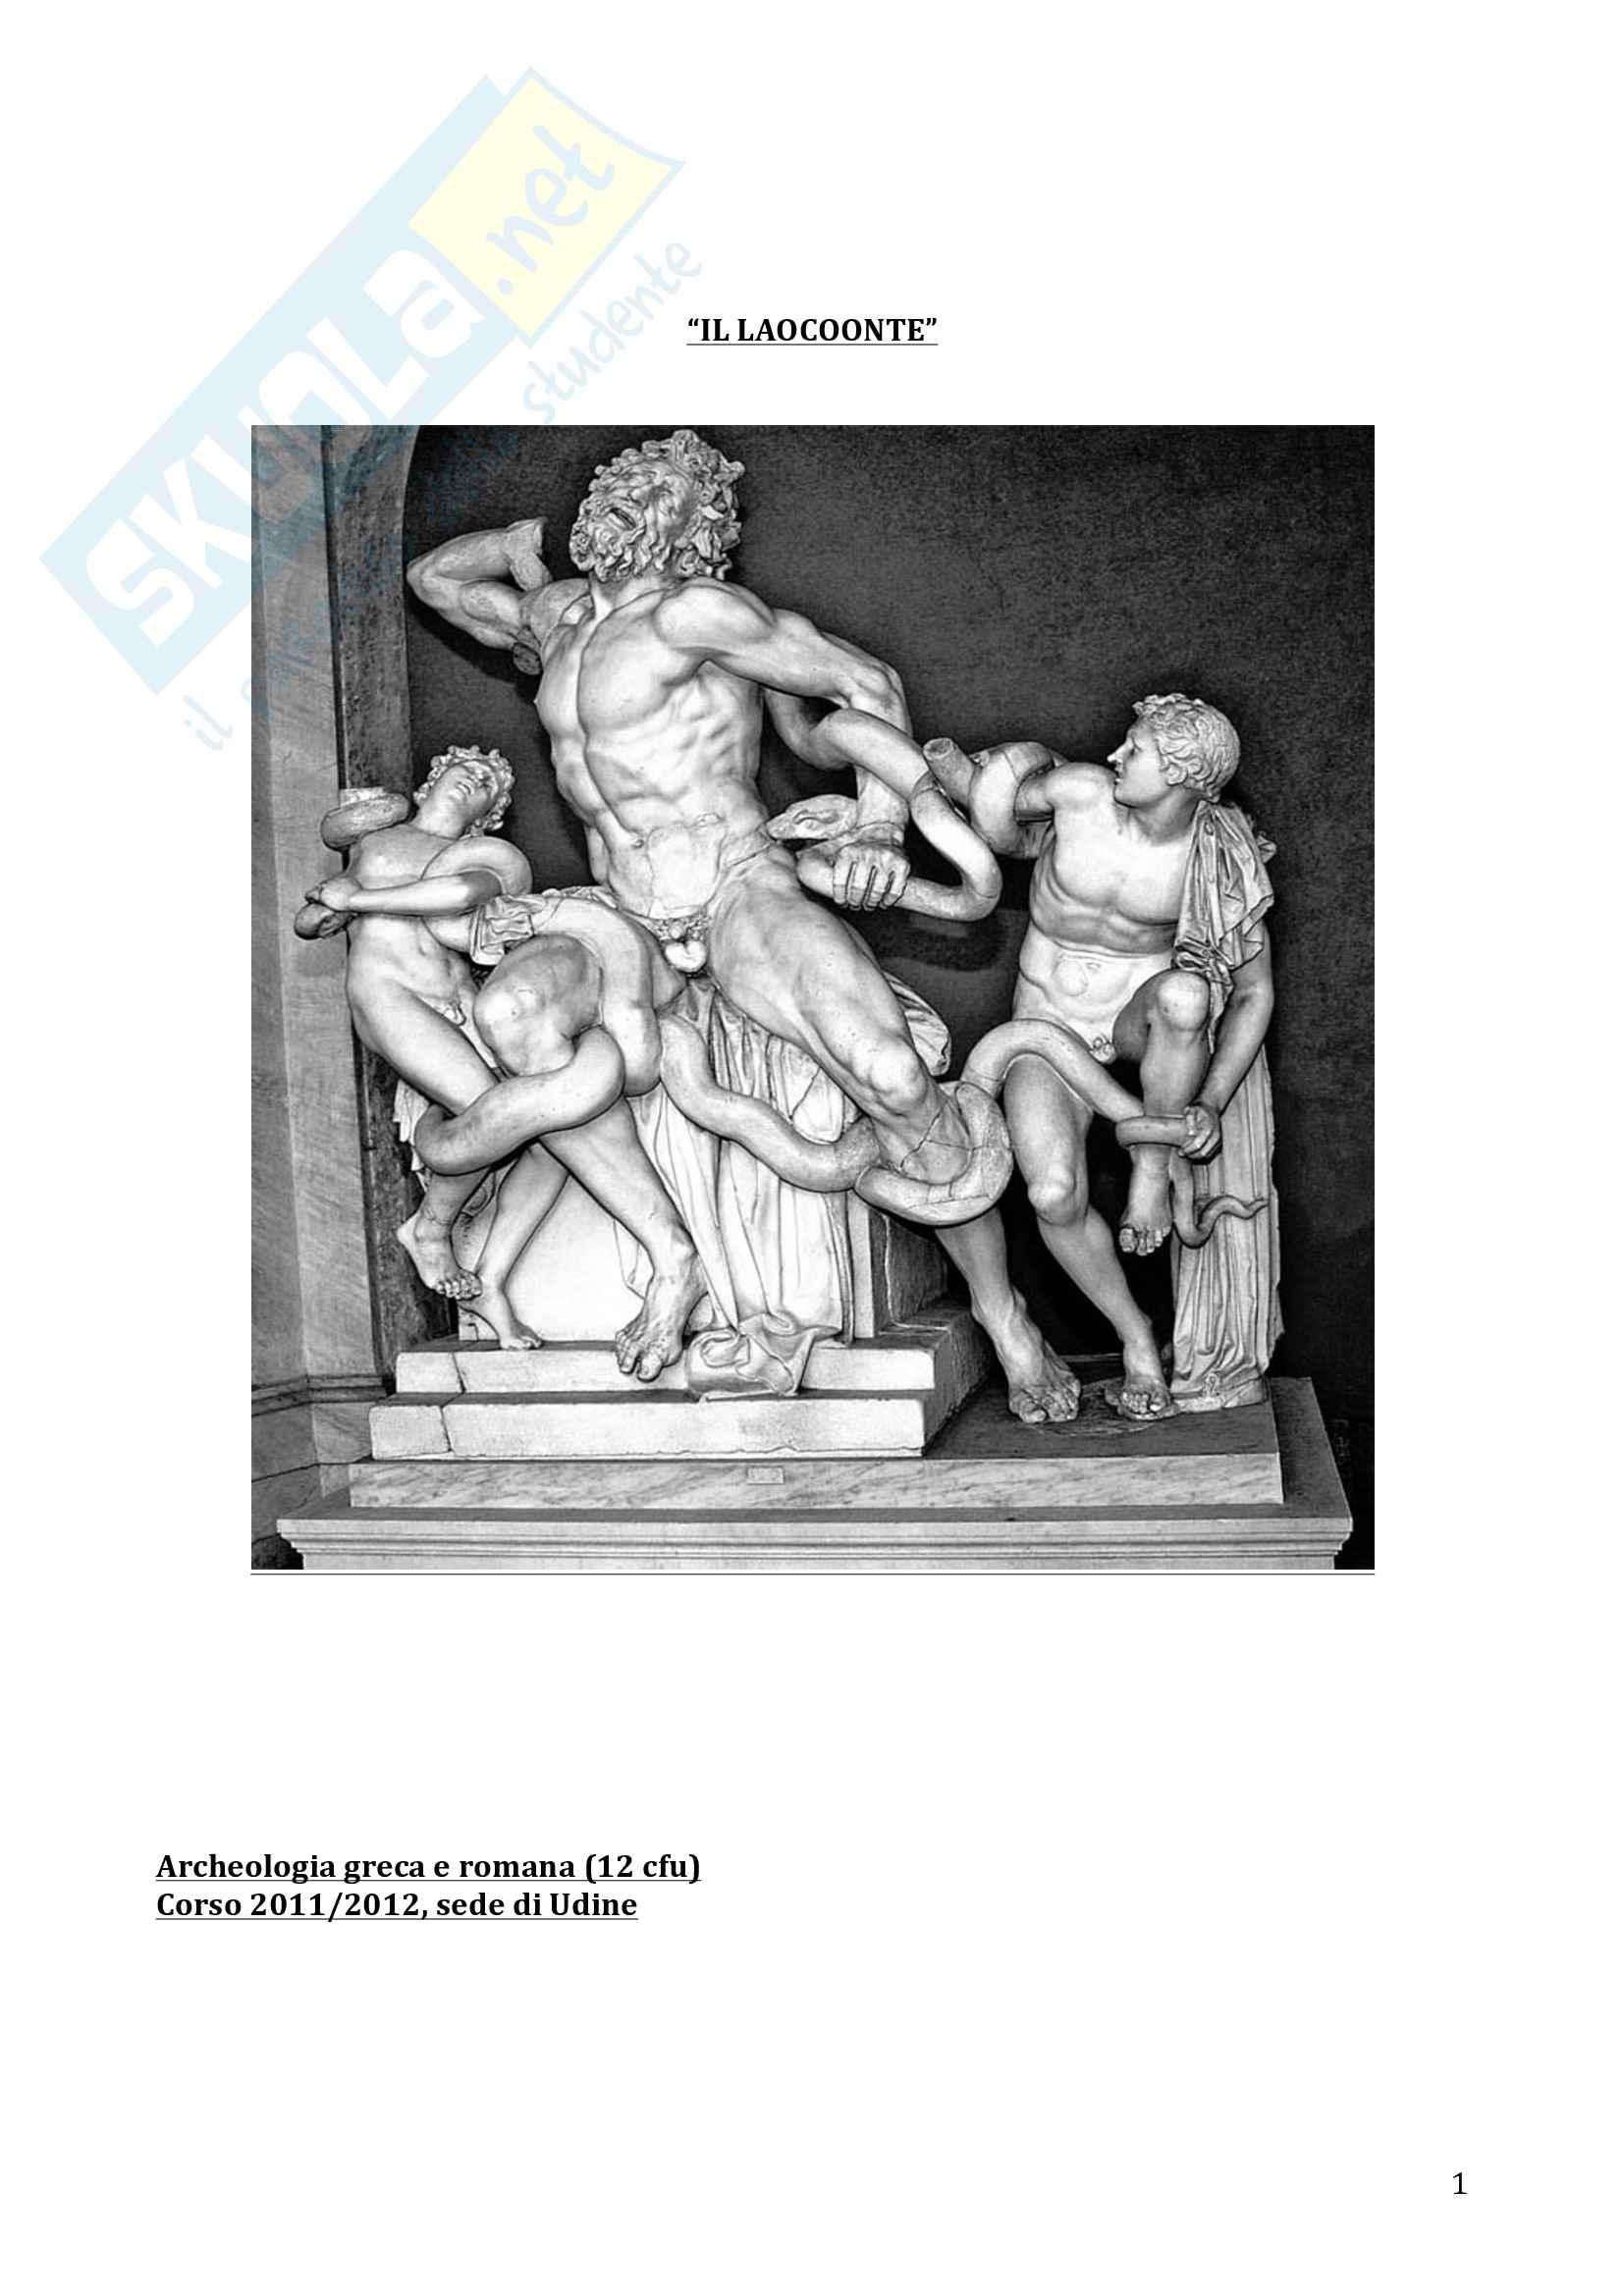 Archeologia greca e romana - Il Laocoonte